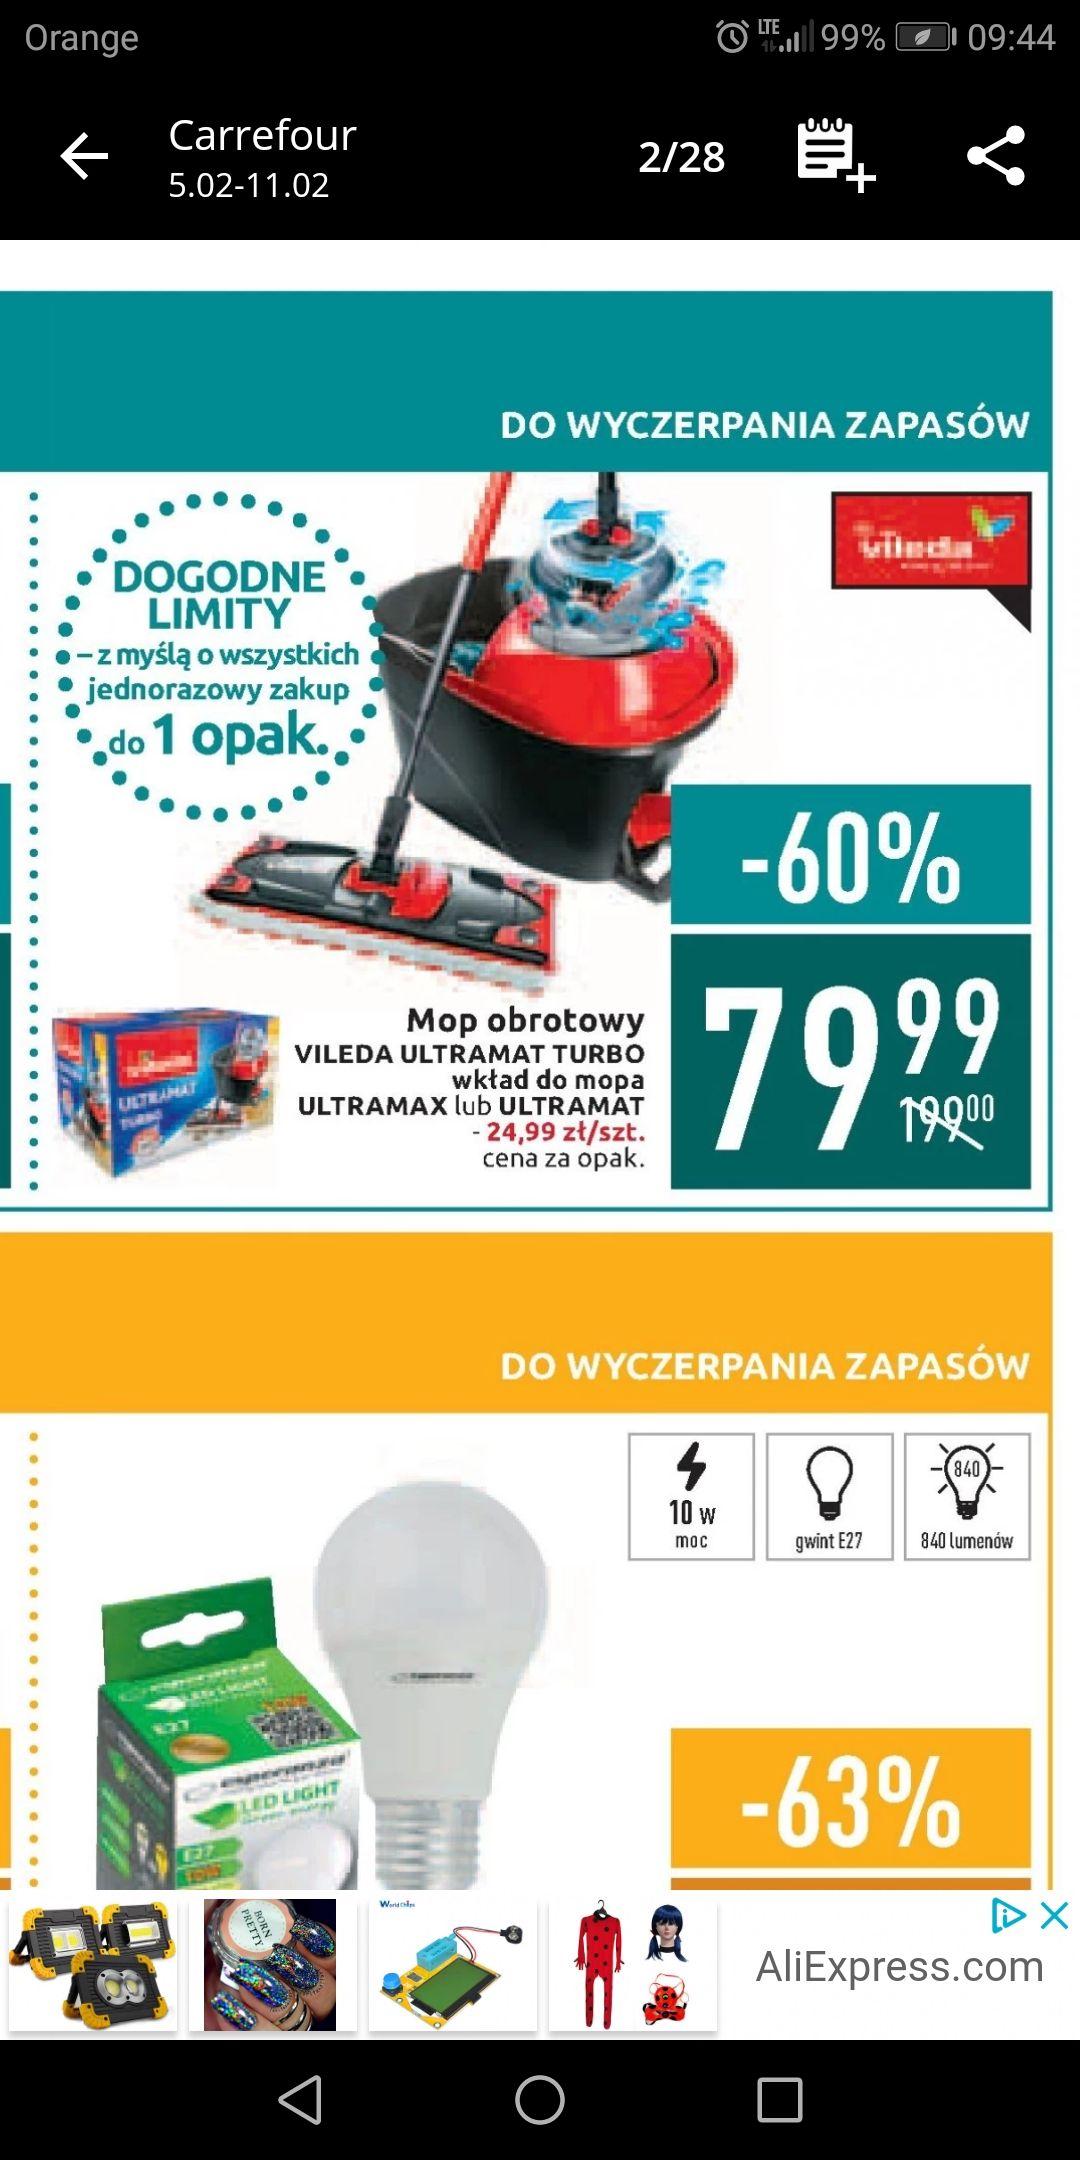 Carrefour mop Vileda Ultramat z obrotową wyciskaczką